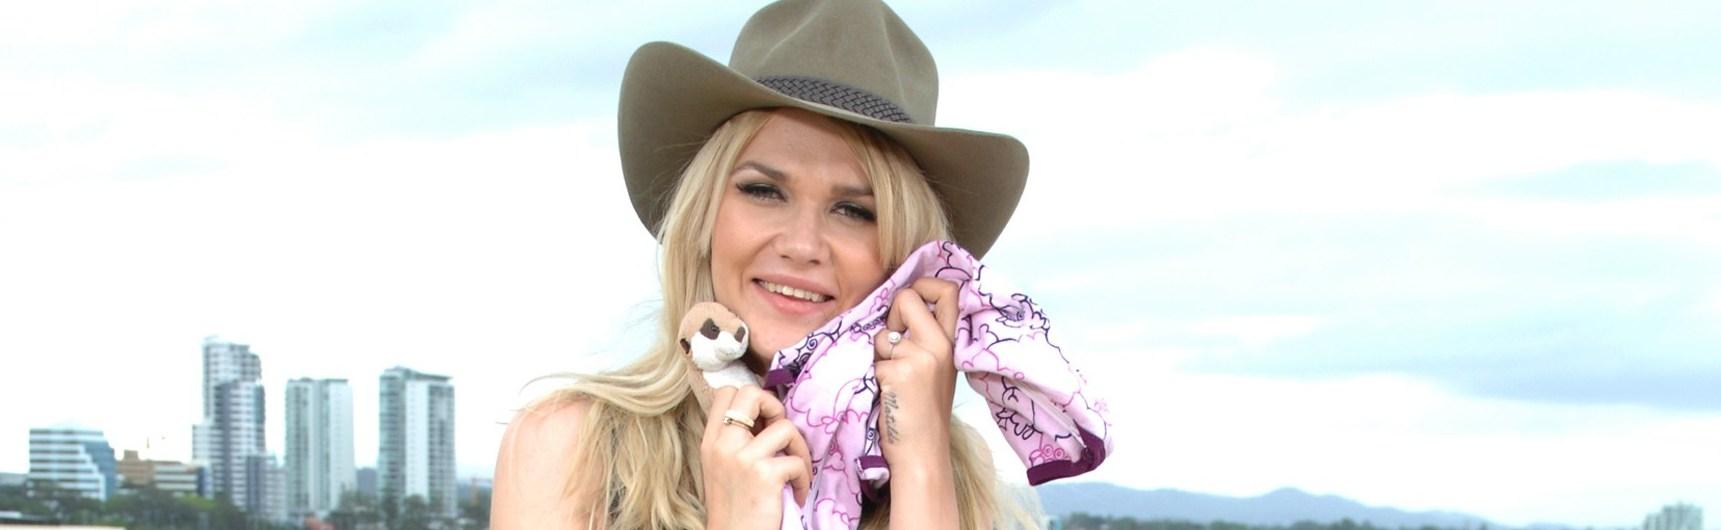 Sara Kulka Kandidatin Teilnehmerin Dschungelcamp 2015 Luxusgegenstand